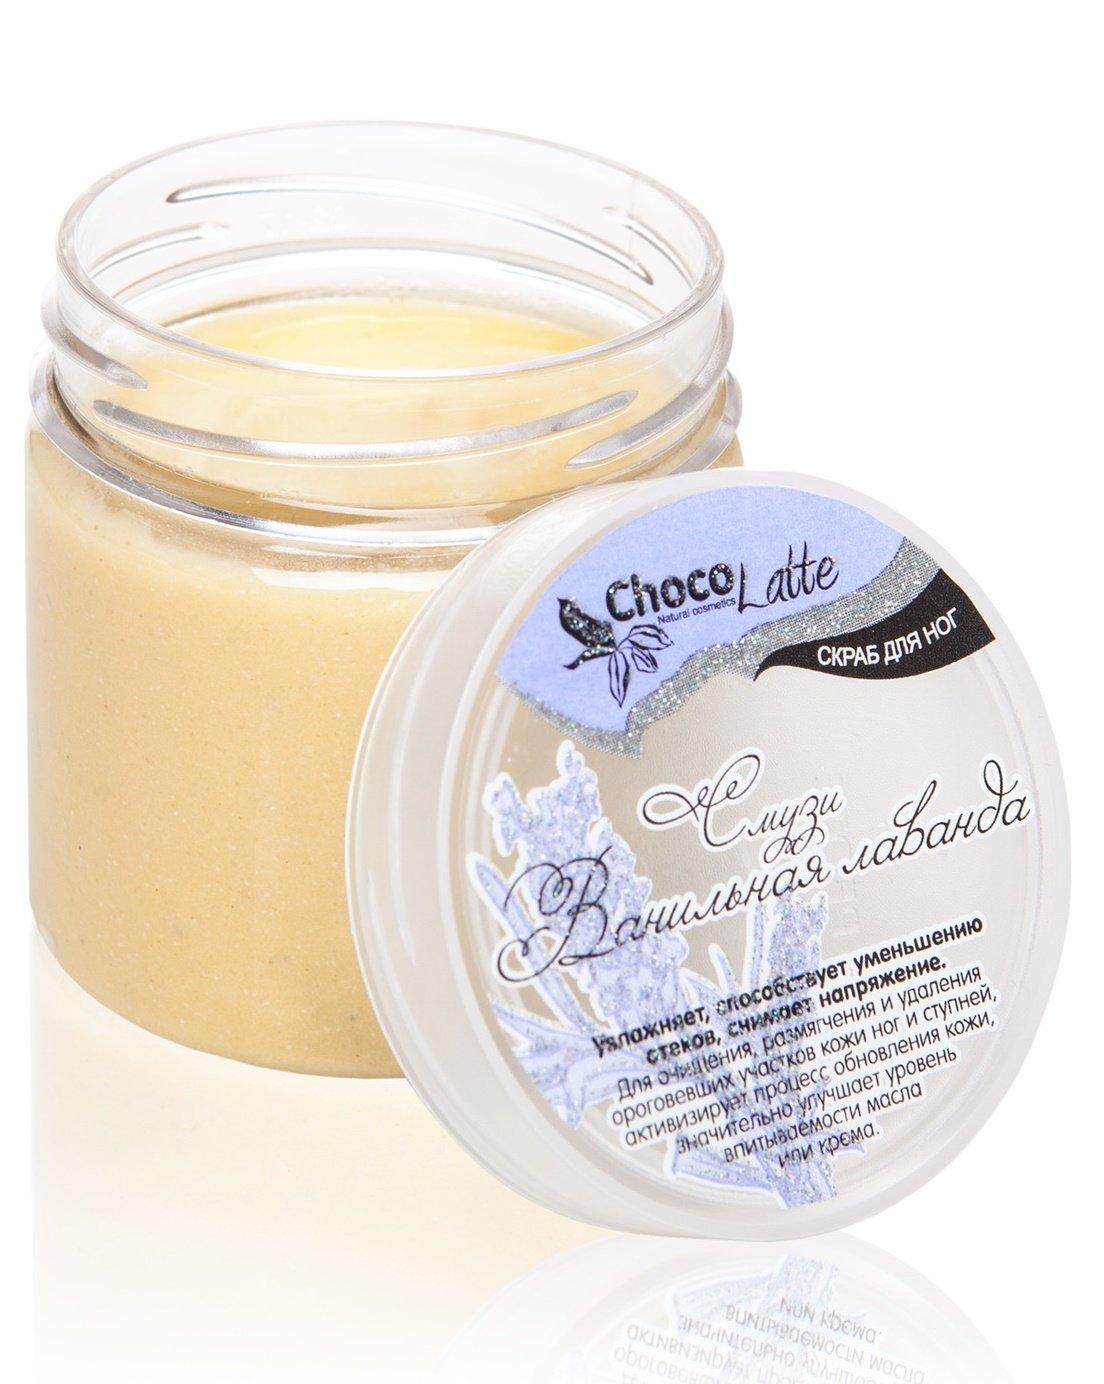 Смузи-скраб ванильная лаванда, увлажняющий ChocoLatte 170 мл (жен)